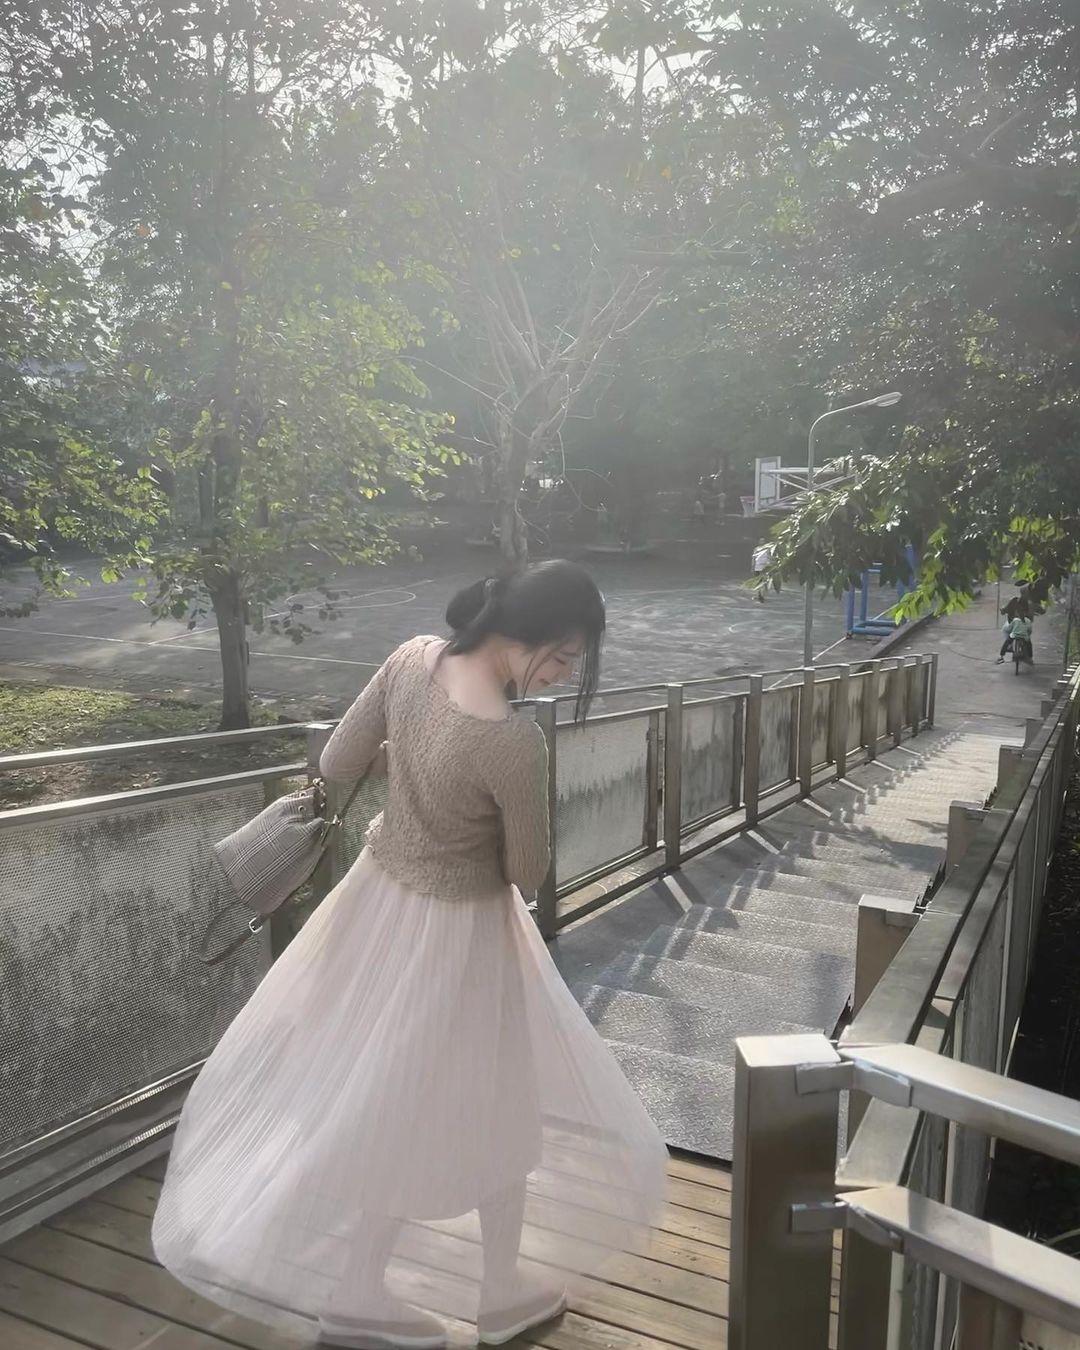 子瑜之後第2位!台灣女孩「韓國出道爆紅」 驚現「台北街頭」正面淡妝超正